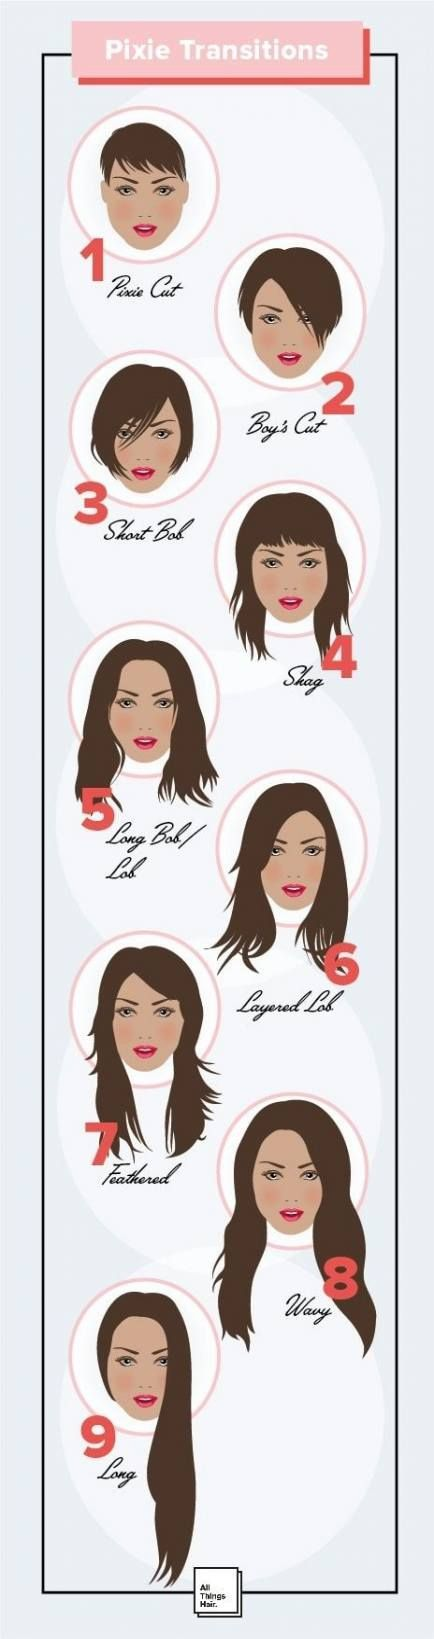 Plus de 26 idées Comment coiffer les cheveux courts en poussant la beauté  #beaute #cheveux #coiffer #comment #courts #idees #poussant